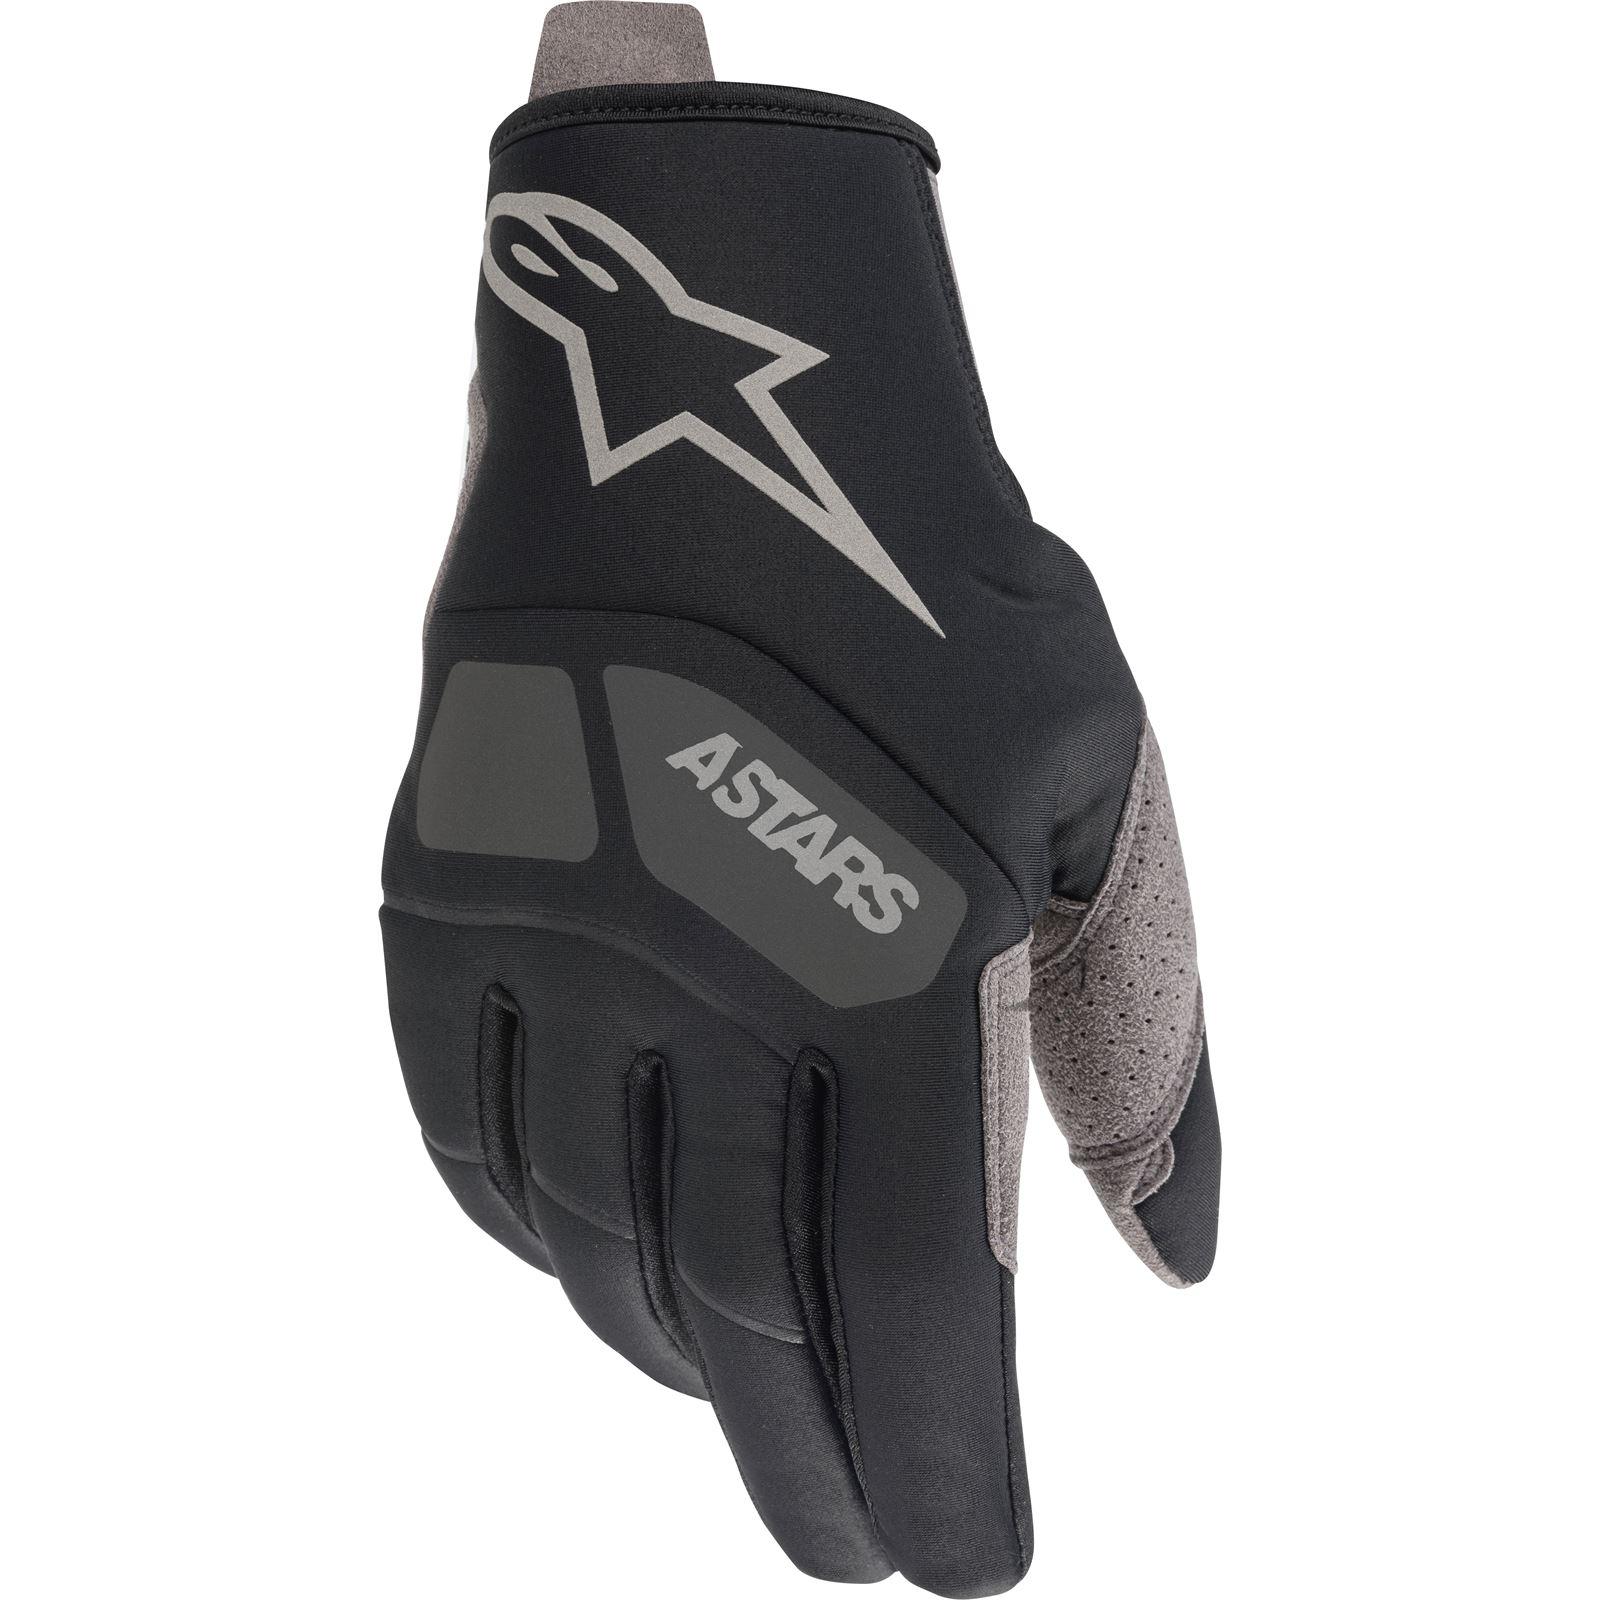 Alpinestars Thermo Shielder Gloves